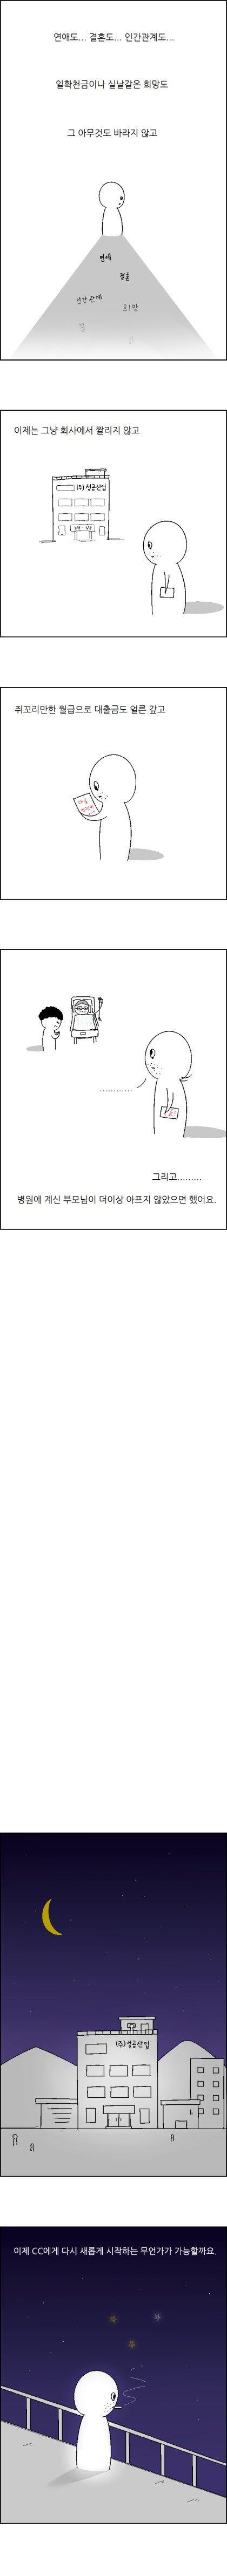 viewimage.php?id=3eb4de21e9d73ab360b8dab04785736f&no=24b0d769e1d32ca73dec81fa11d028314d3faebecfec25ed6aa779bc795af309409e152f1366dd4a3cf0f51bfa2289cfd37e5e25612493586118c8848c1ad2beead8666bb0a585816e03d8221de8c68765015b4b840beee1d0632dbbe4d8448b193eac64c63b531f